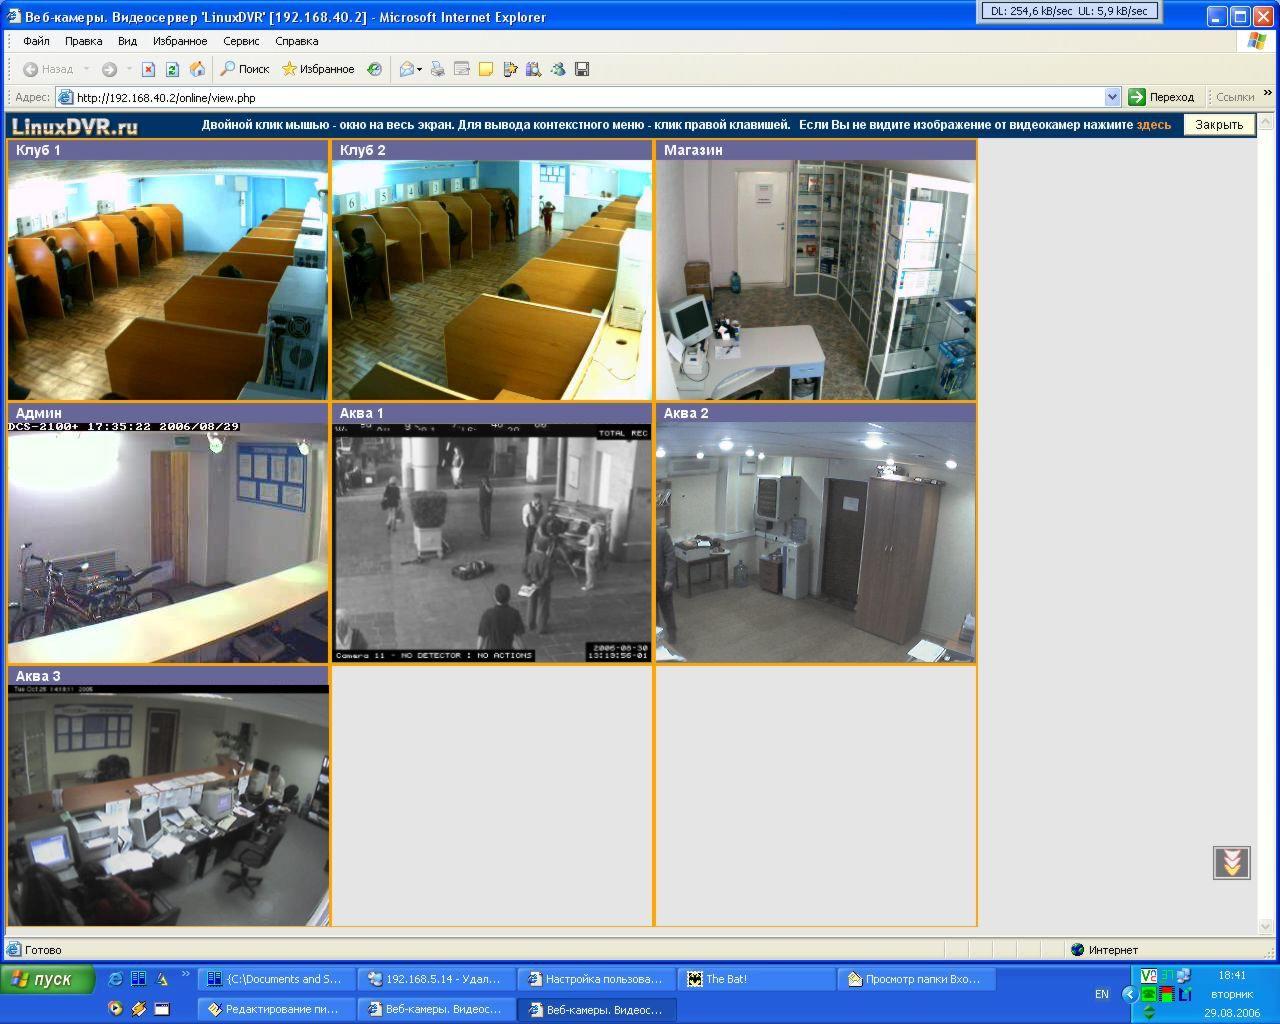 Програма видеорегистратора через веб камеру глюки видеорегистратора каркам q2